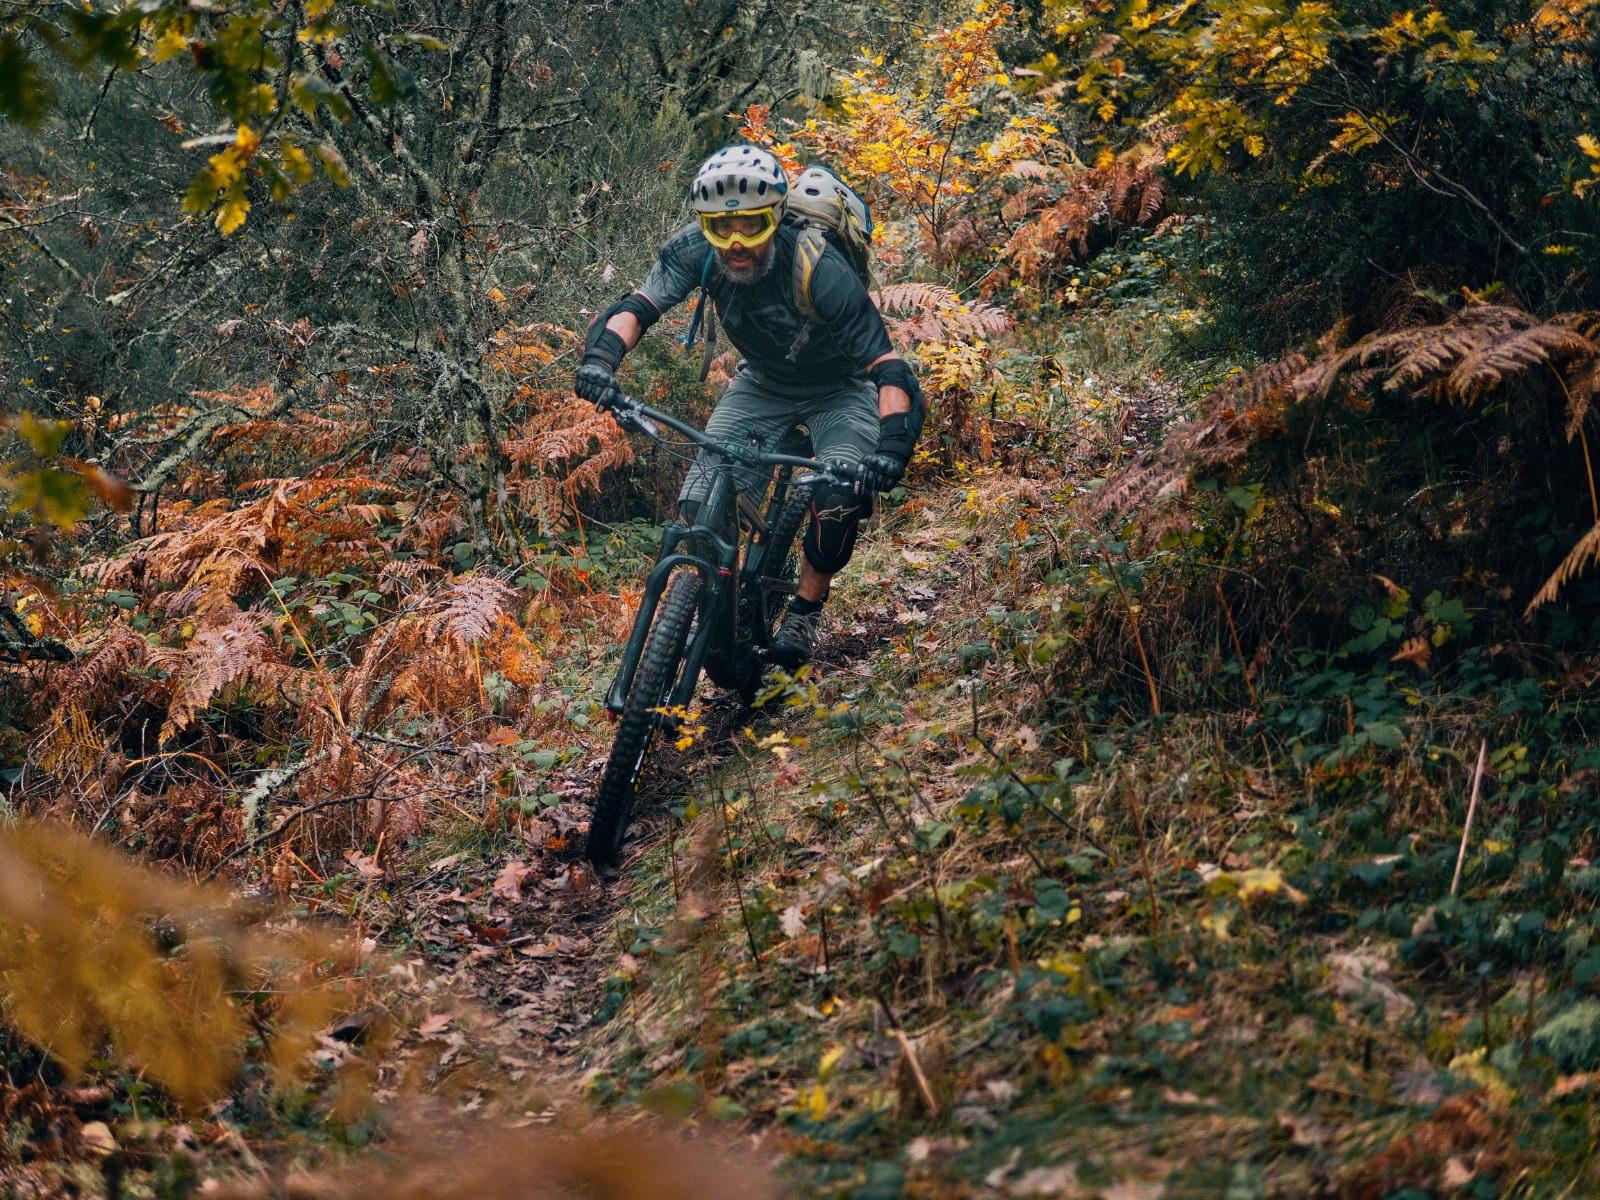 Alquiler de bicicletas eléctricas ebike mountain bike | Rutas de Enduro MTB en El Bierzo